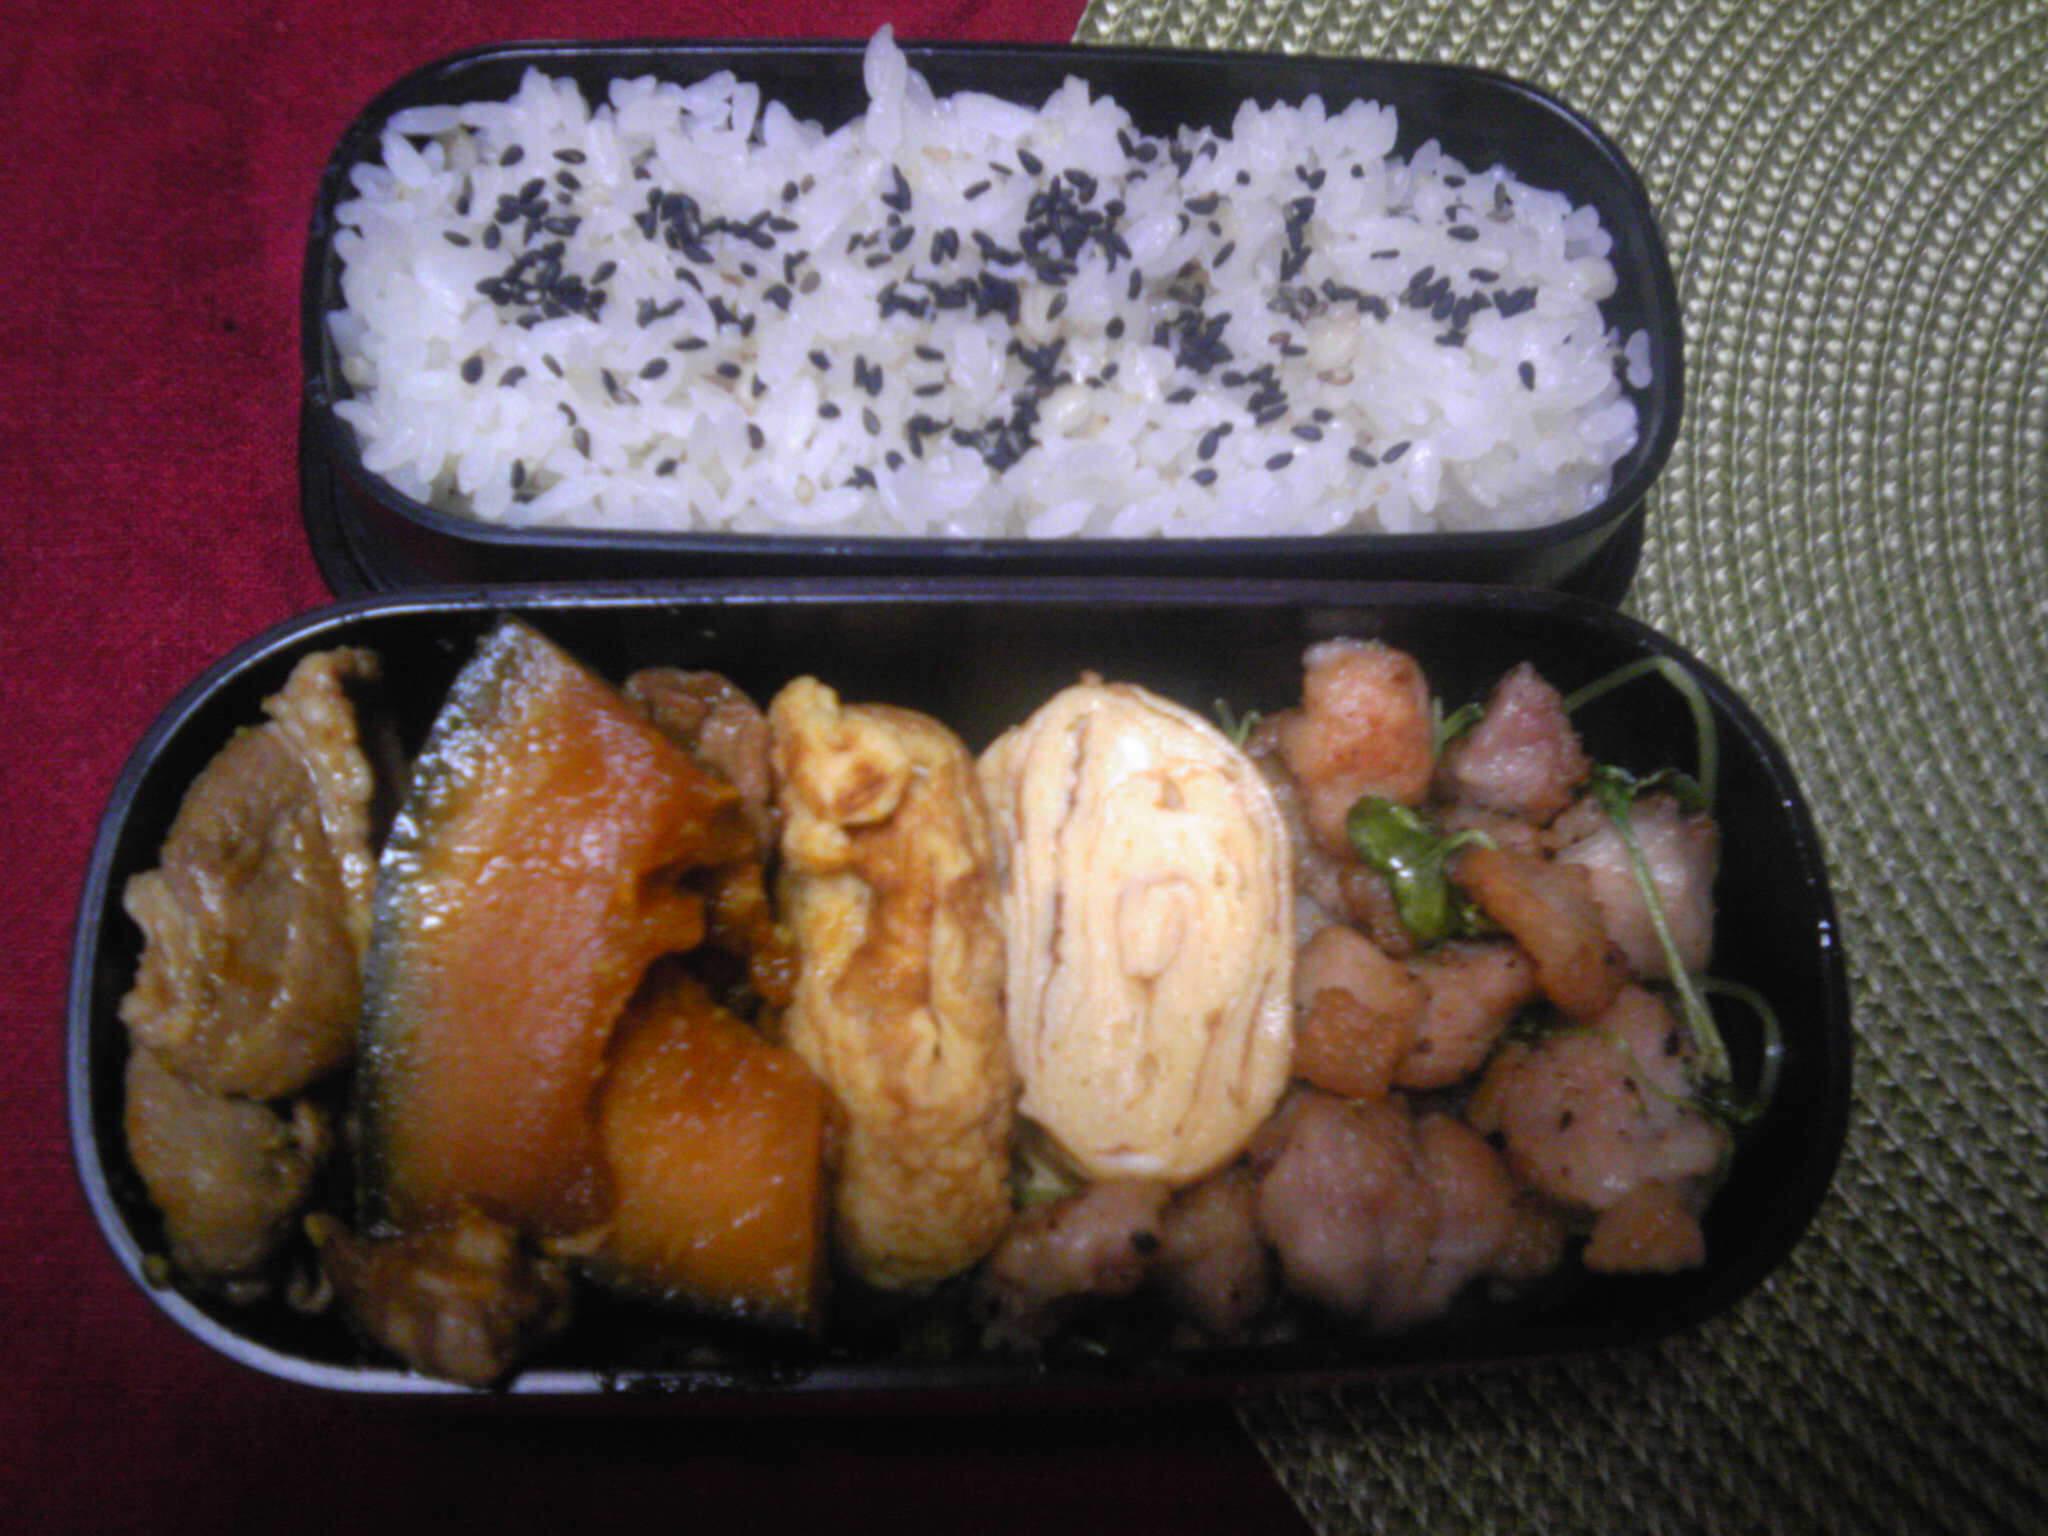 鶏肉とつまみ菜炒め弁当